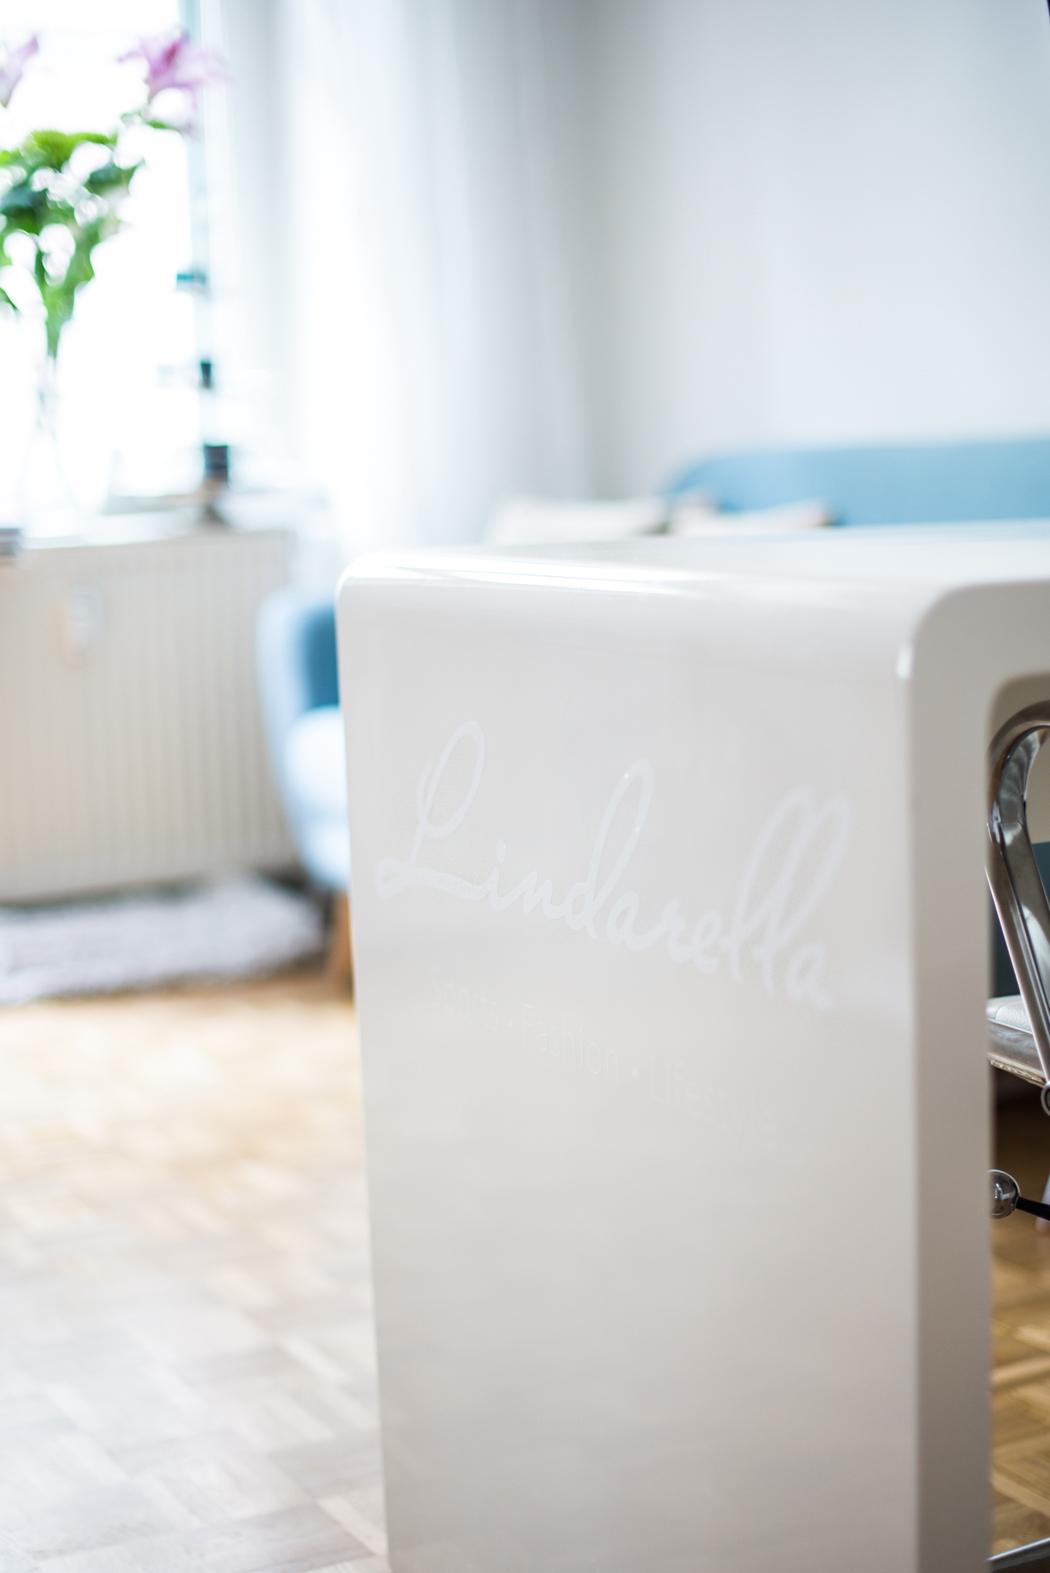 Fashionblog-Fashionblogger-Fashion-Blog-München-Deutschland-Munich-Lindarella-Linda-Rella-Büro-Arbeitszimmer-Interior-Interieur-Office-12